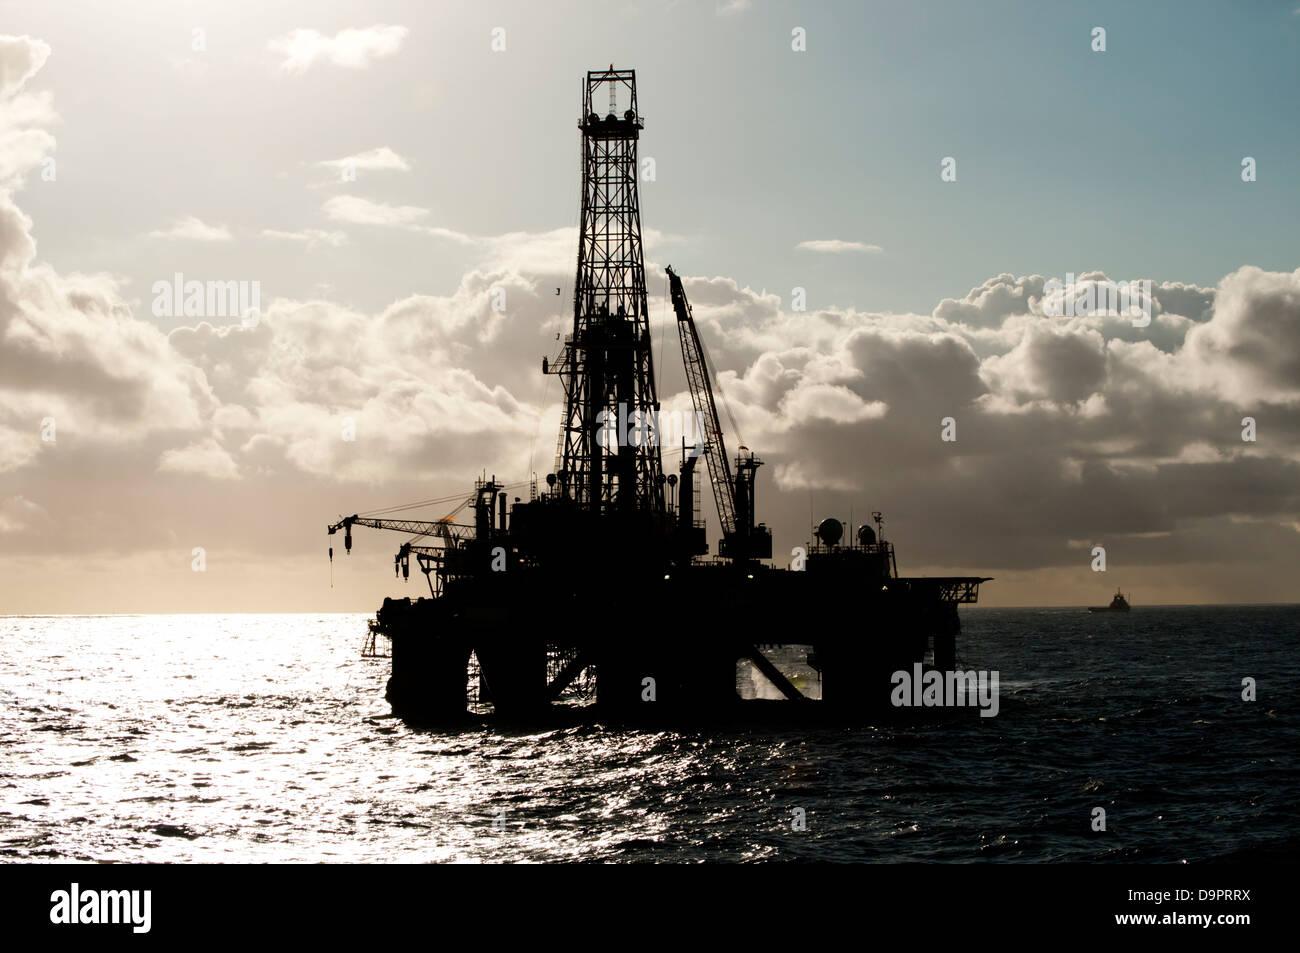 Offshore oil drilling rig silhouette à l'horizon Banque D'Images